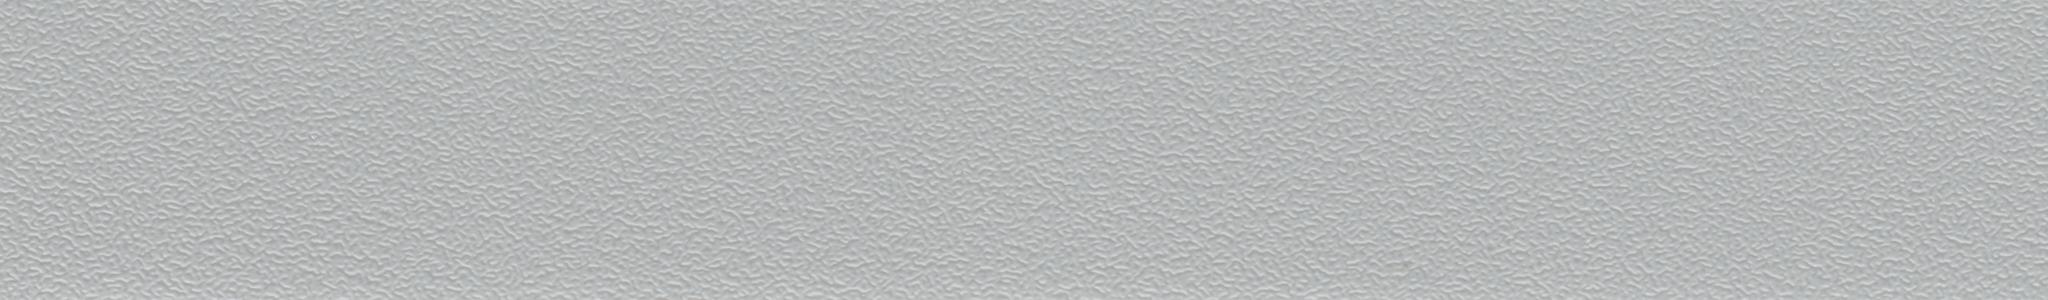 HU 17860 ABS hrana šedá perla 101